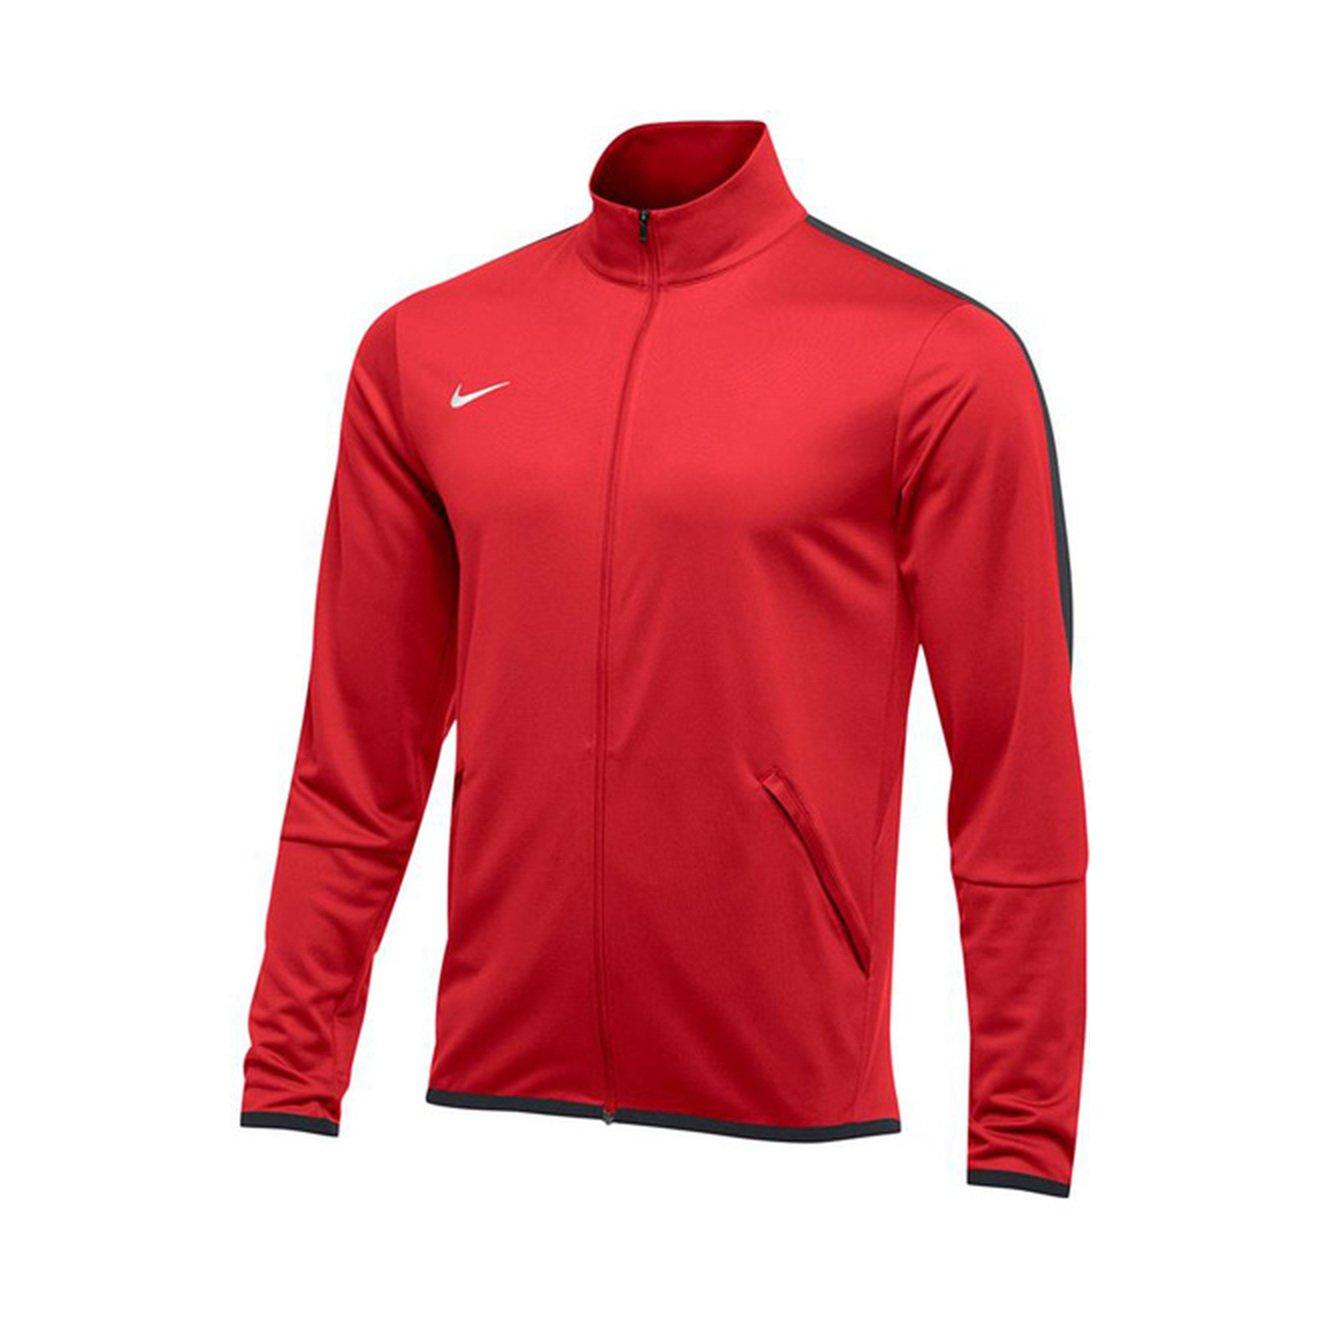 NIKE Epic Training Jacket Male Scarlet Large